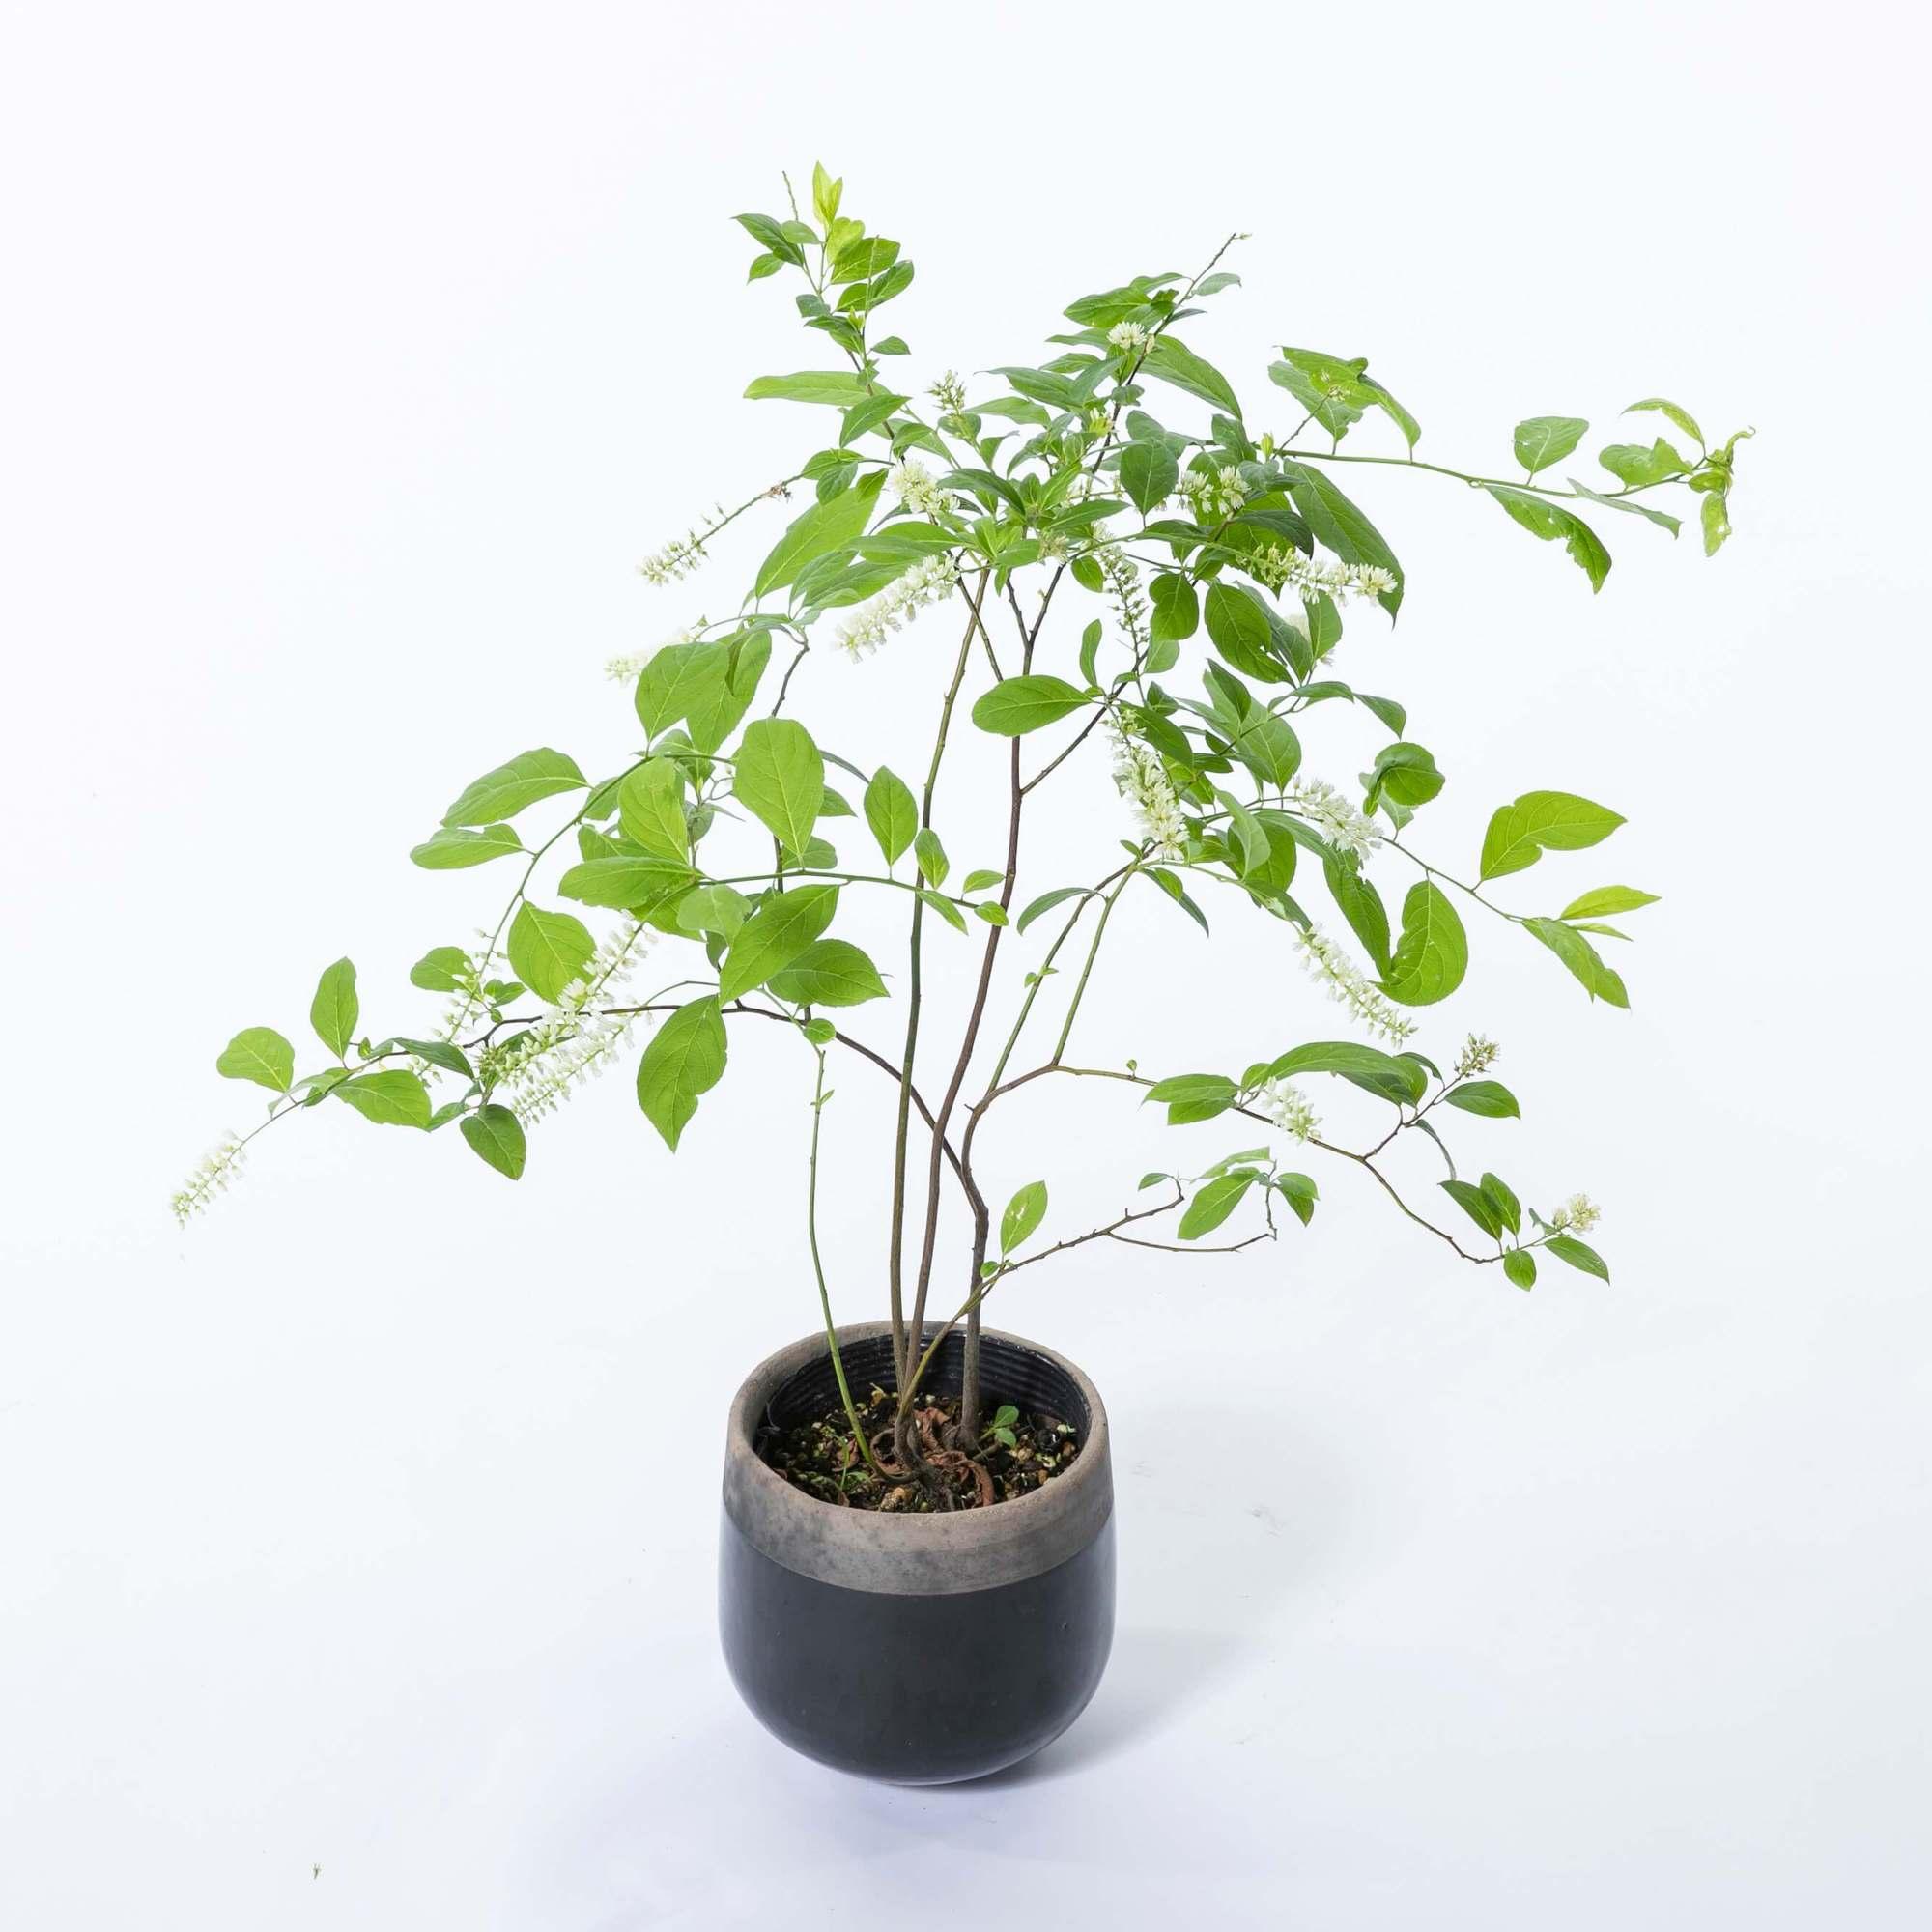 コバノズイナ 植栽 庭木 落葉低木 小葉の髄菜